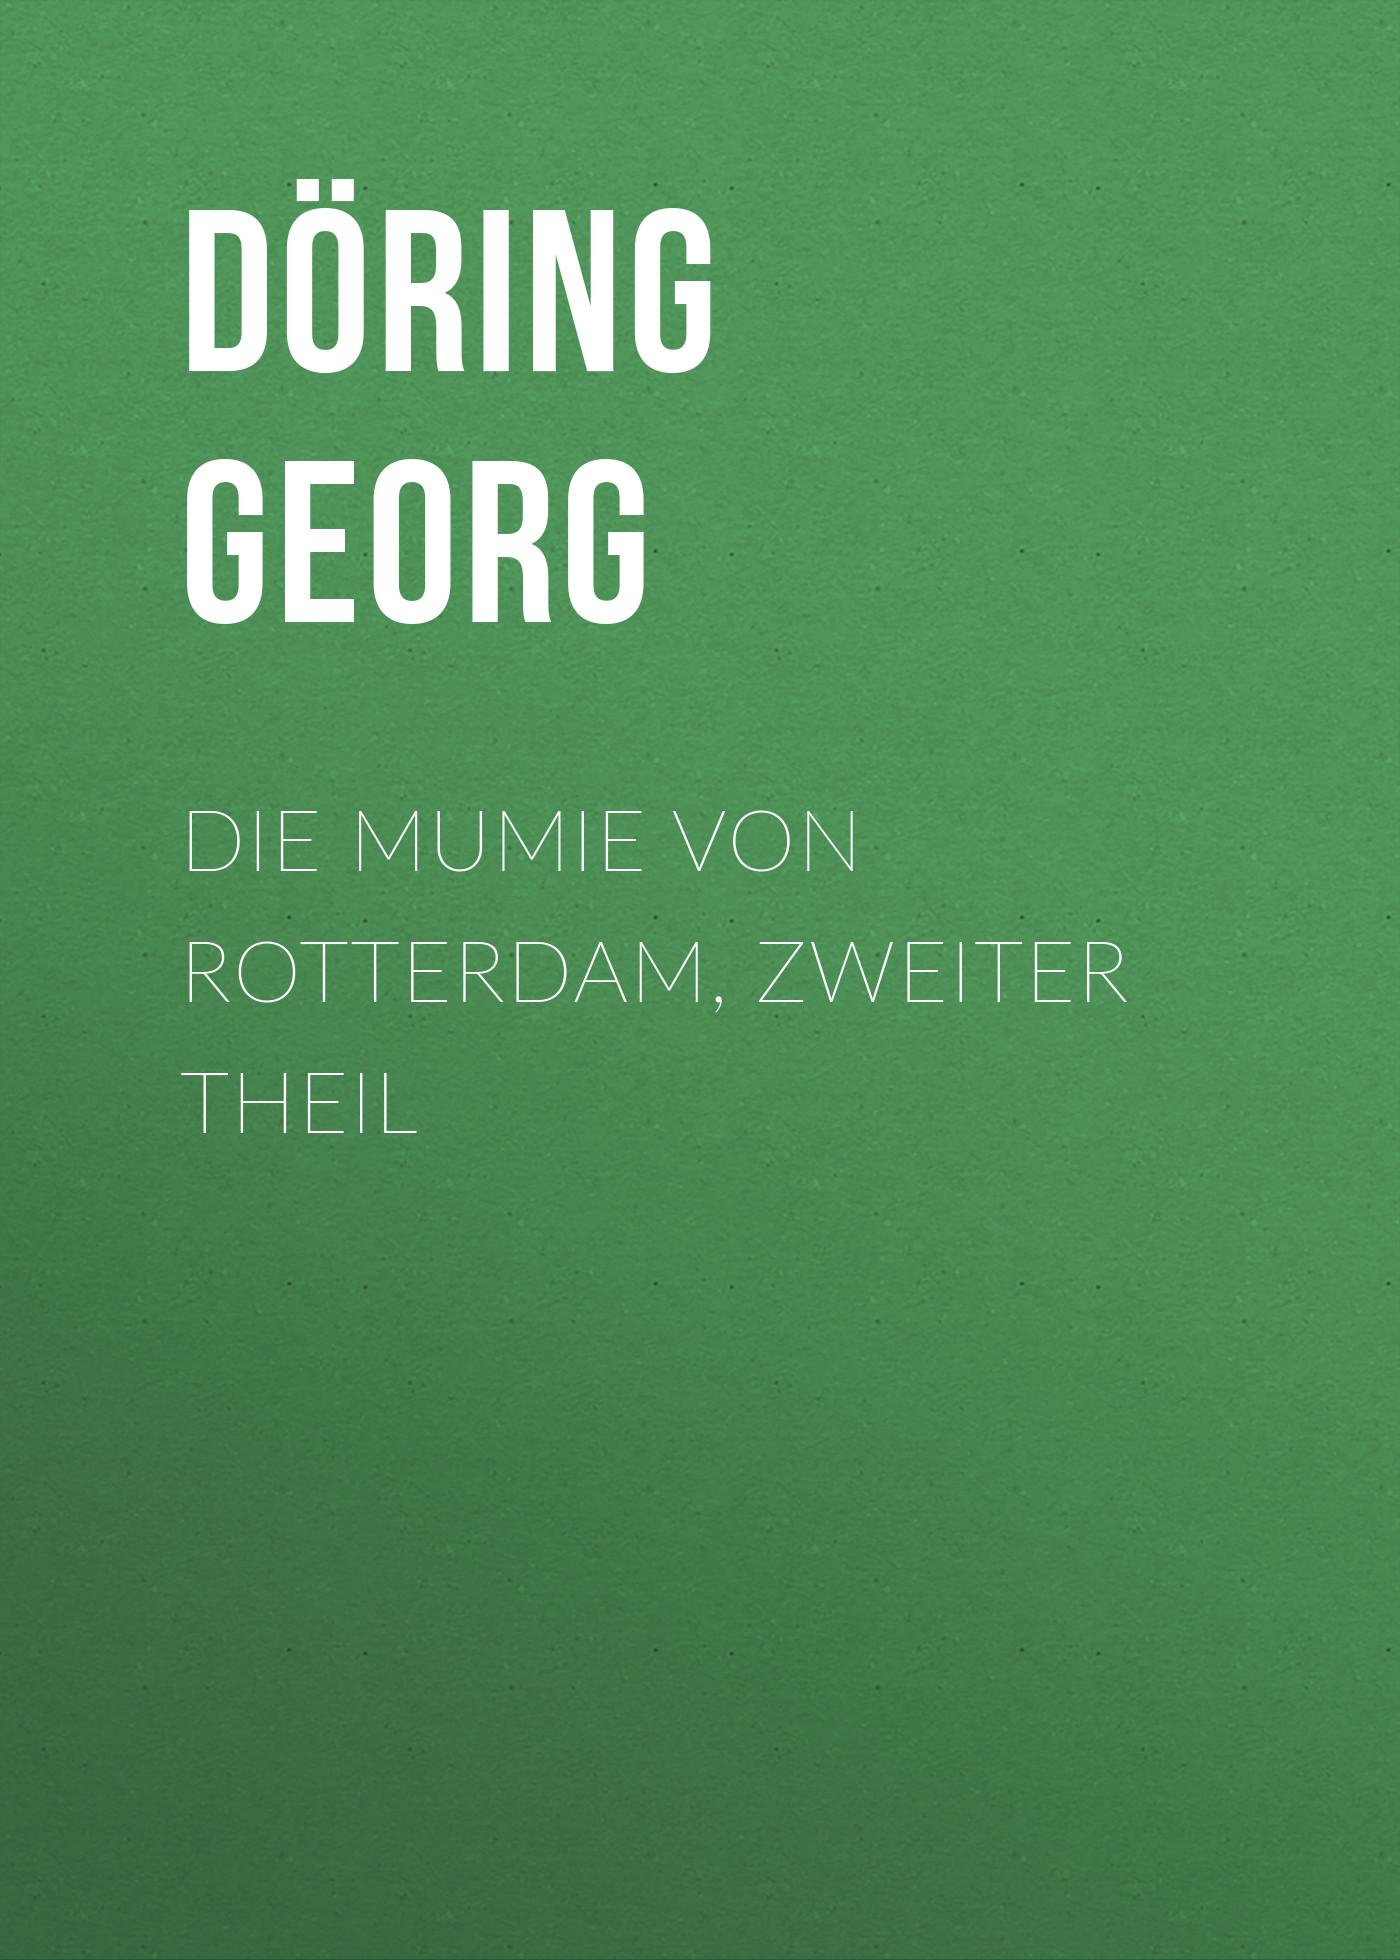 Döring Georg Die Mumie von Rotterdam, Zweiter Theil bløf rotterdam